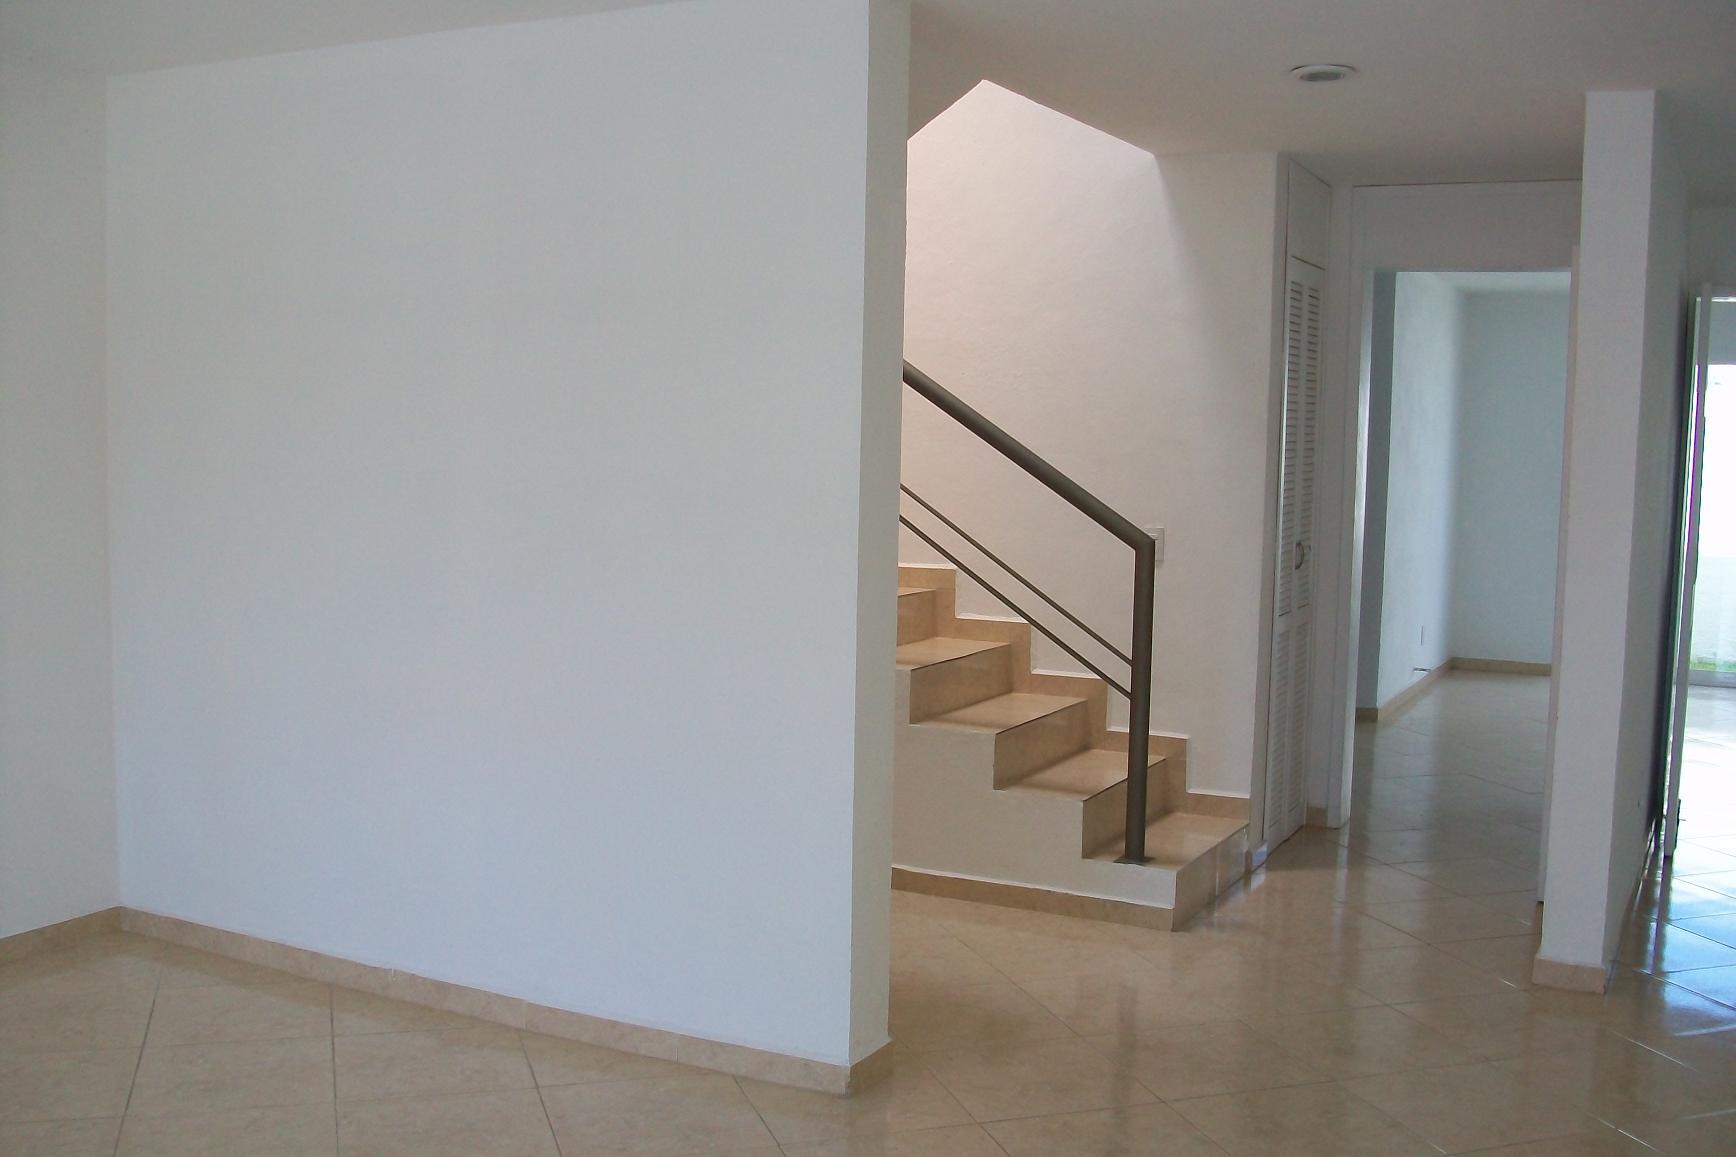 Juriquilla santa fe sala escaleras bienes raices en for Salas con escaleras